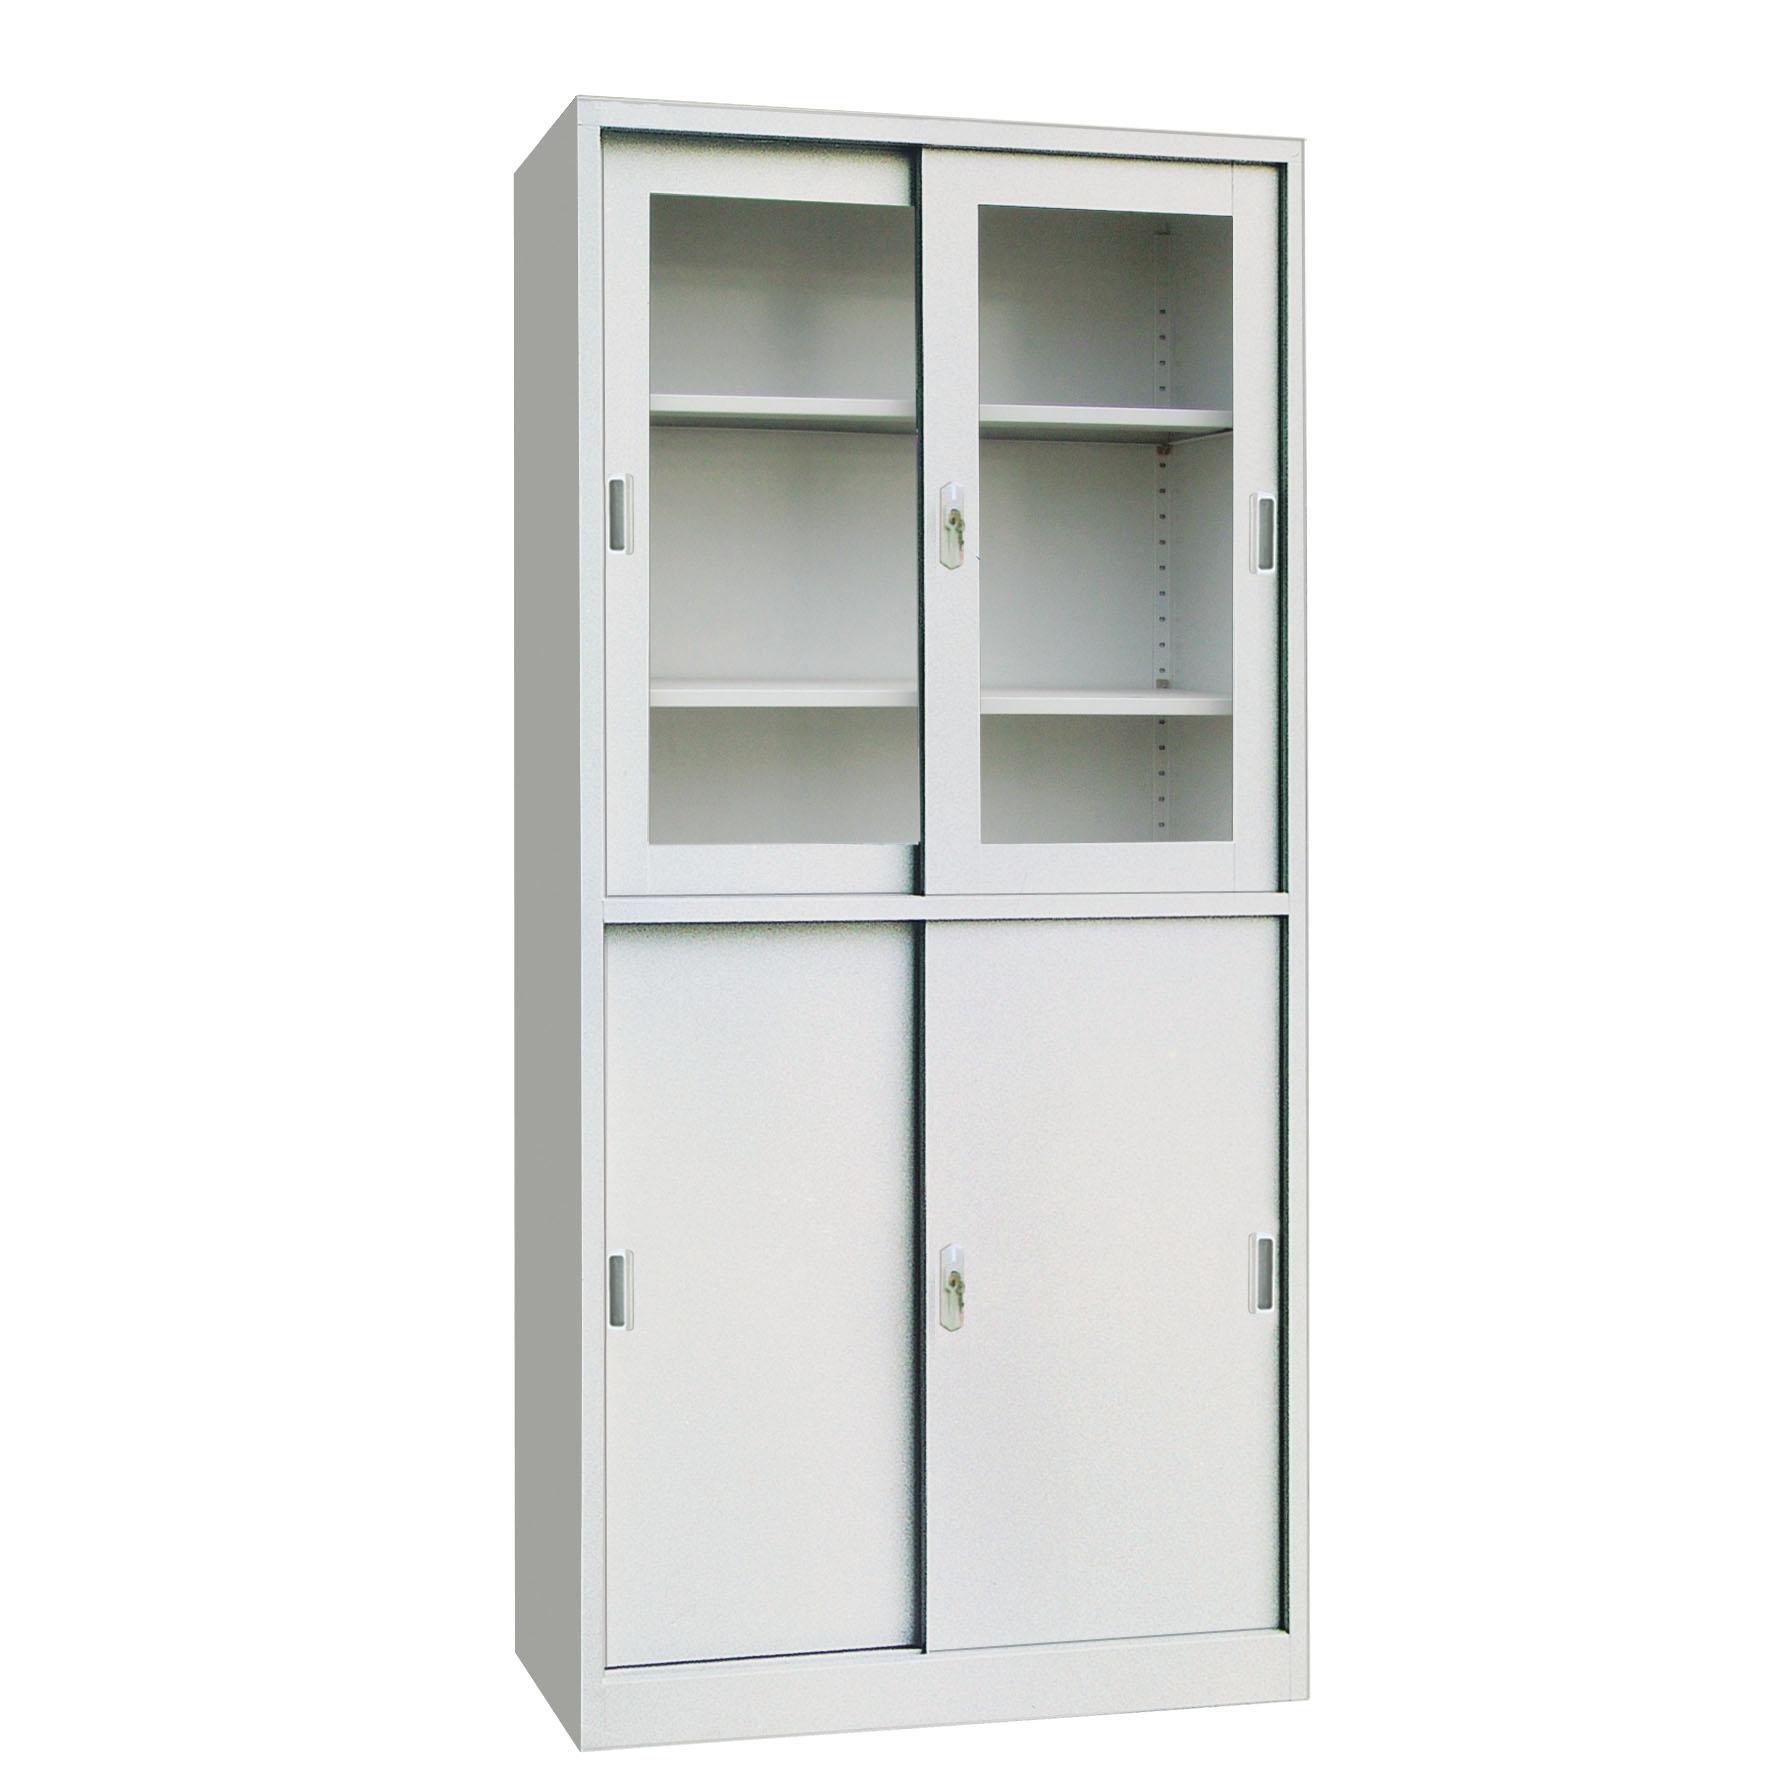 Метален шкаф с плъзгащи врати с 1/2 стъклени витрини